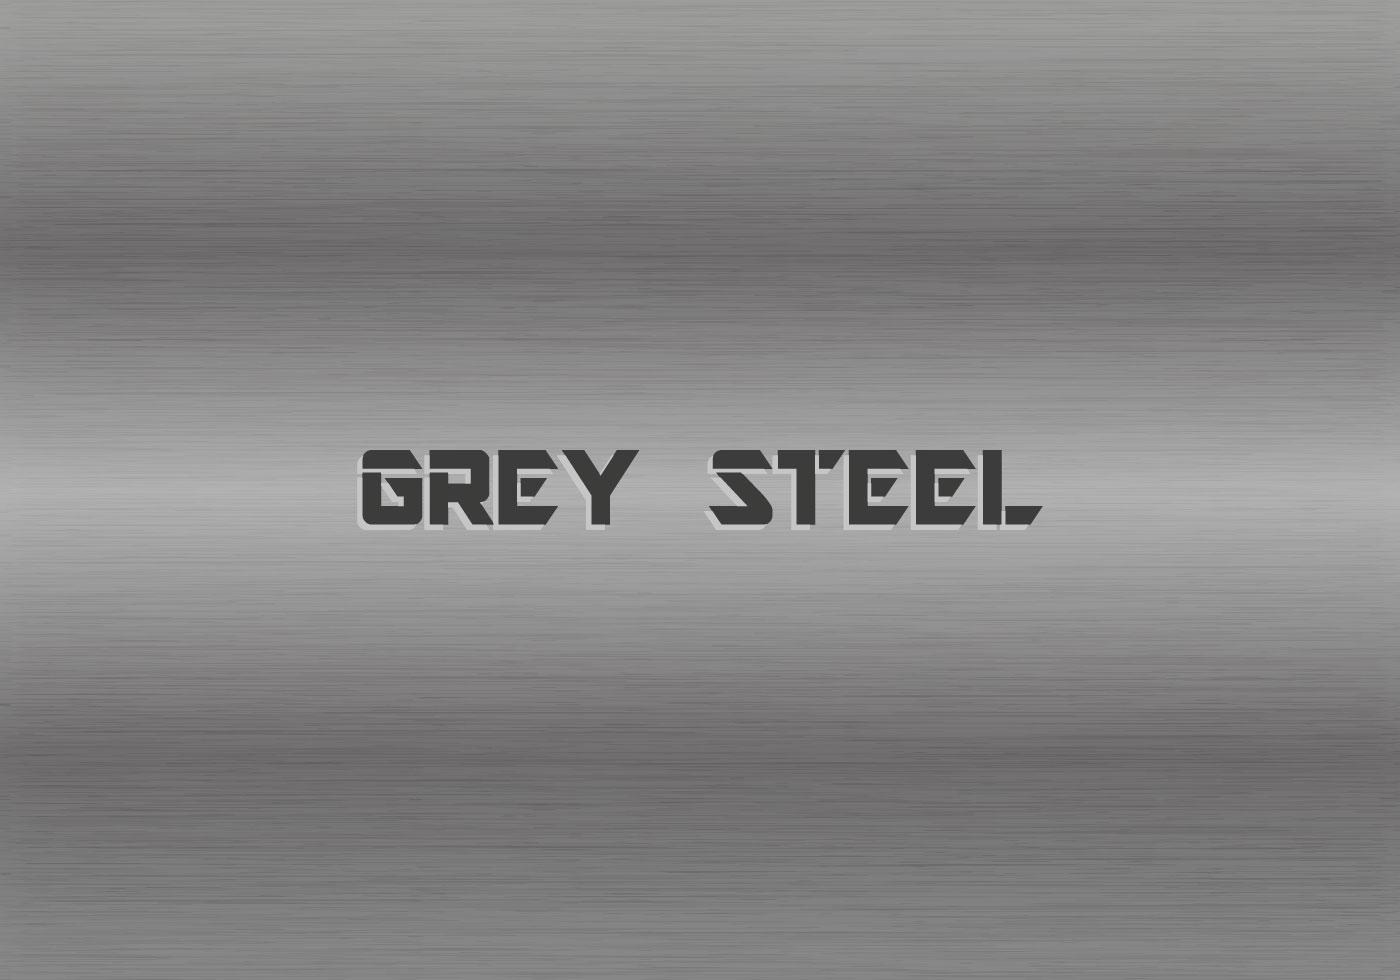 灰色背景 免費下載   天天瘋後製